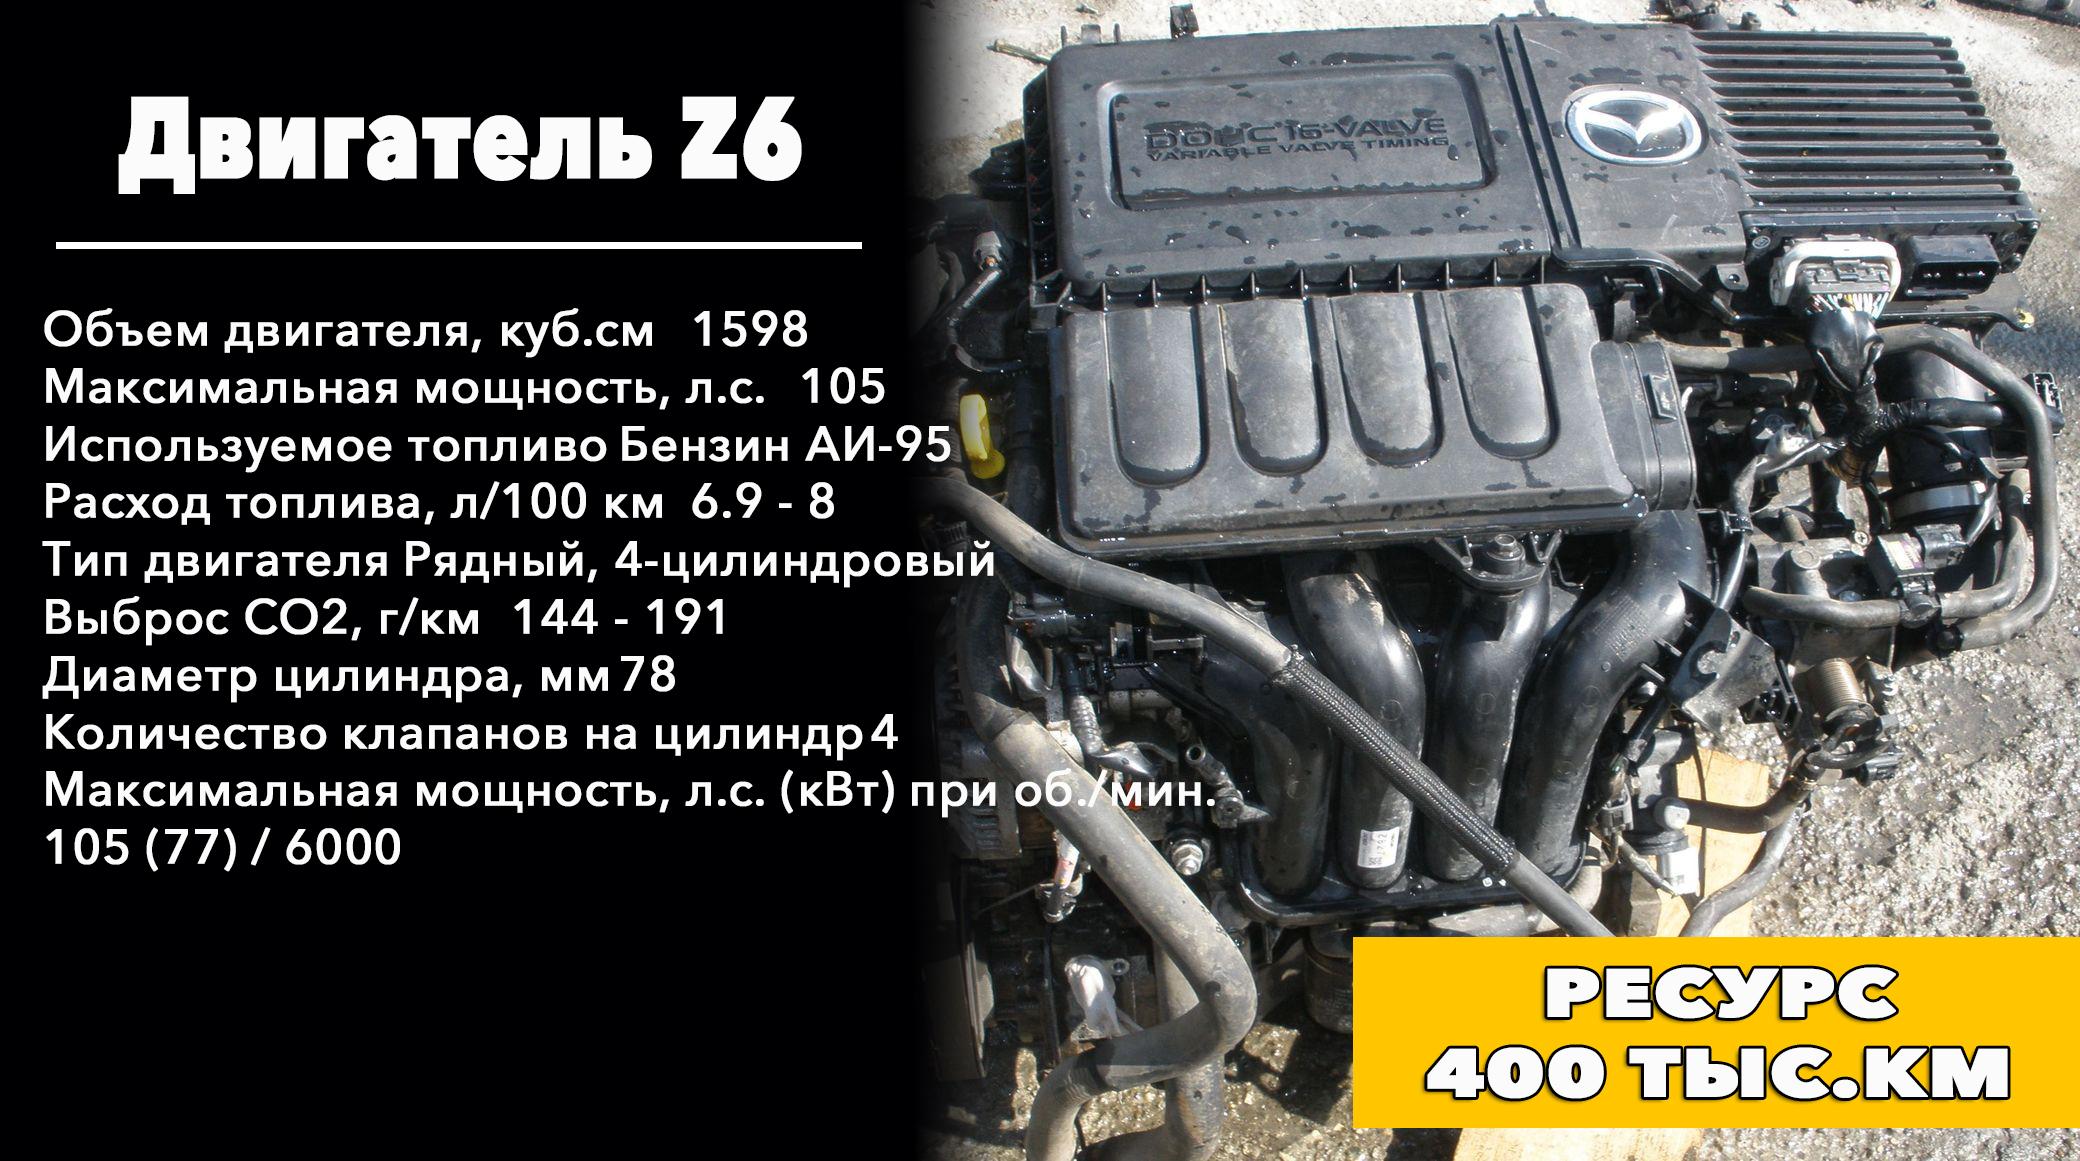 Технические характеристики и ресурс Z6